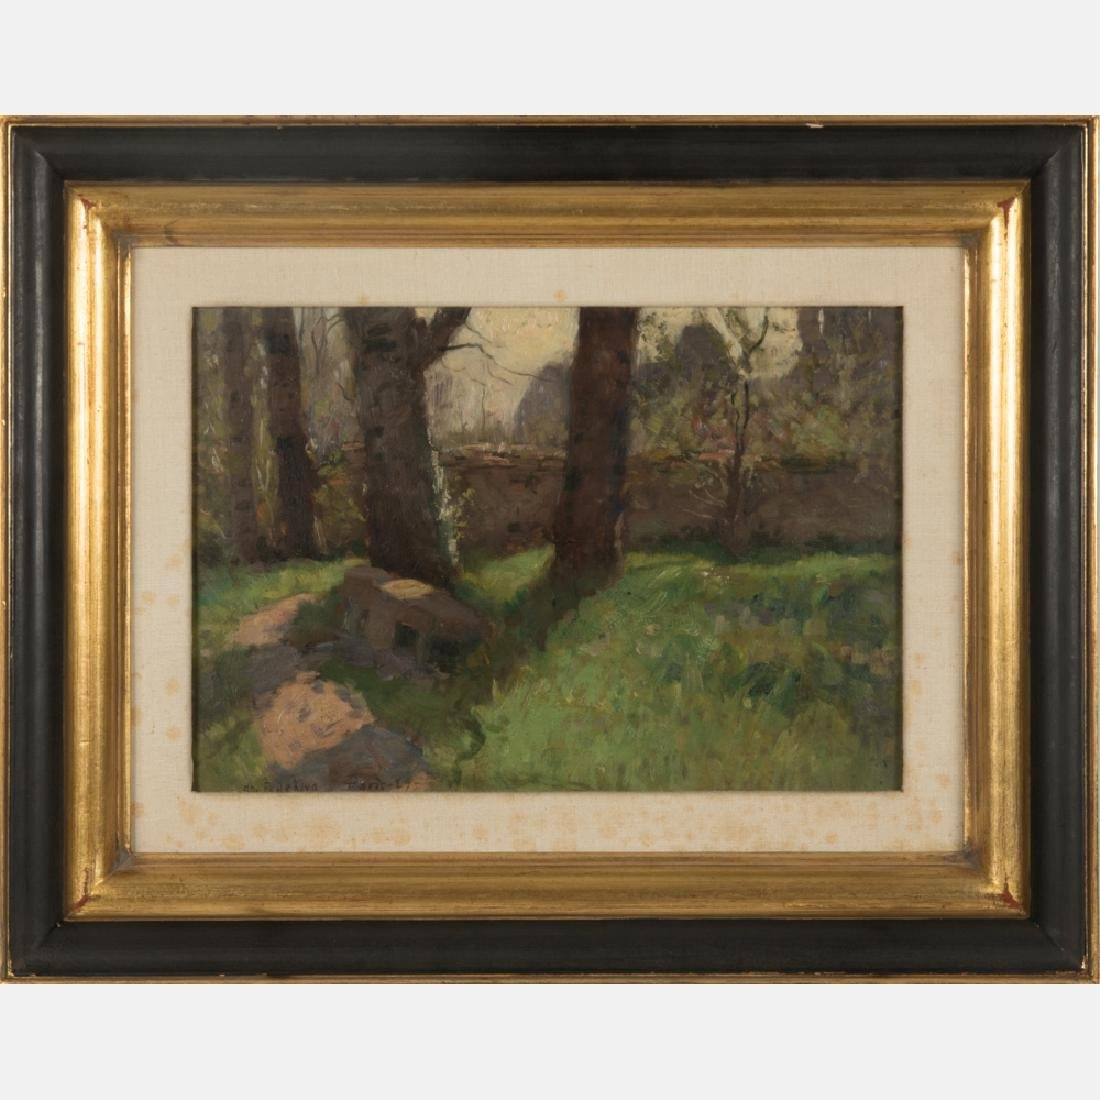 Charles F. de Klyn (1865-1958) Paris Park, 1889, Oil on